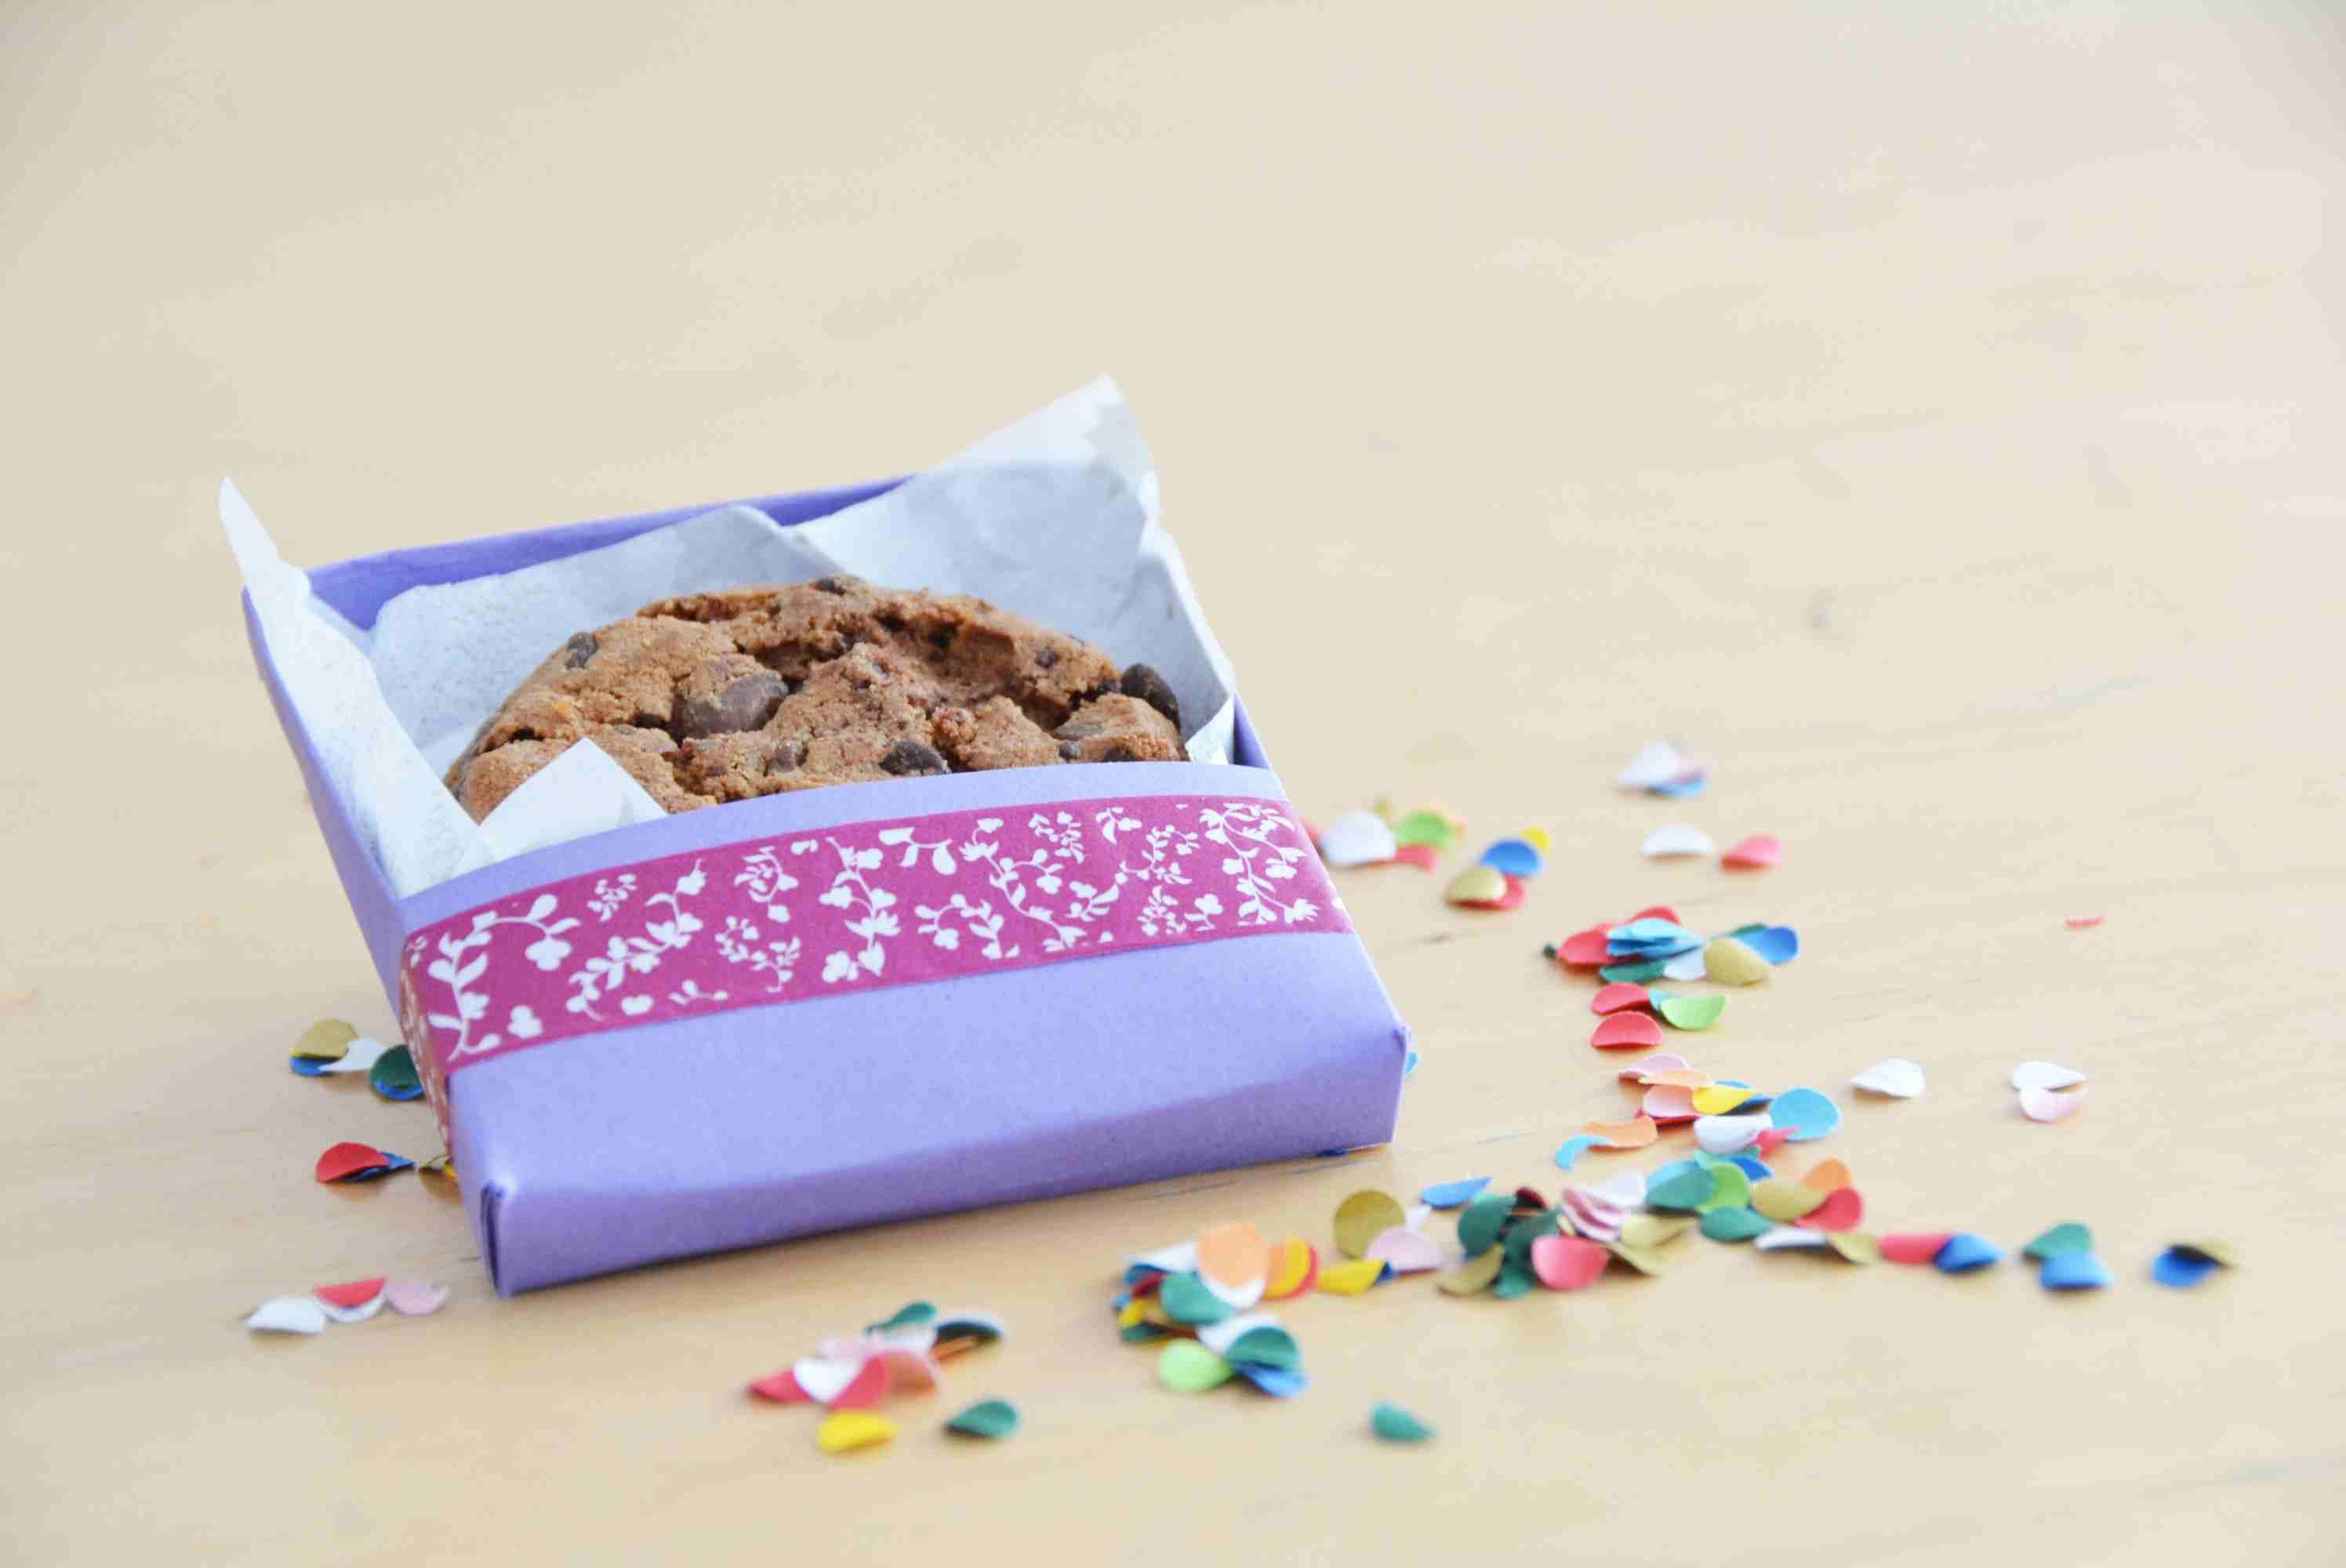 Laden Sie sich hier Bastelanleitung für Keksschachtel herunter